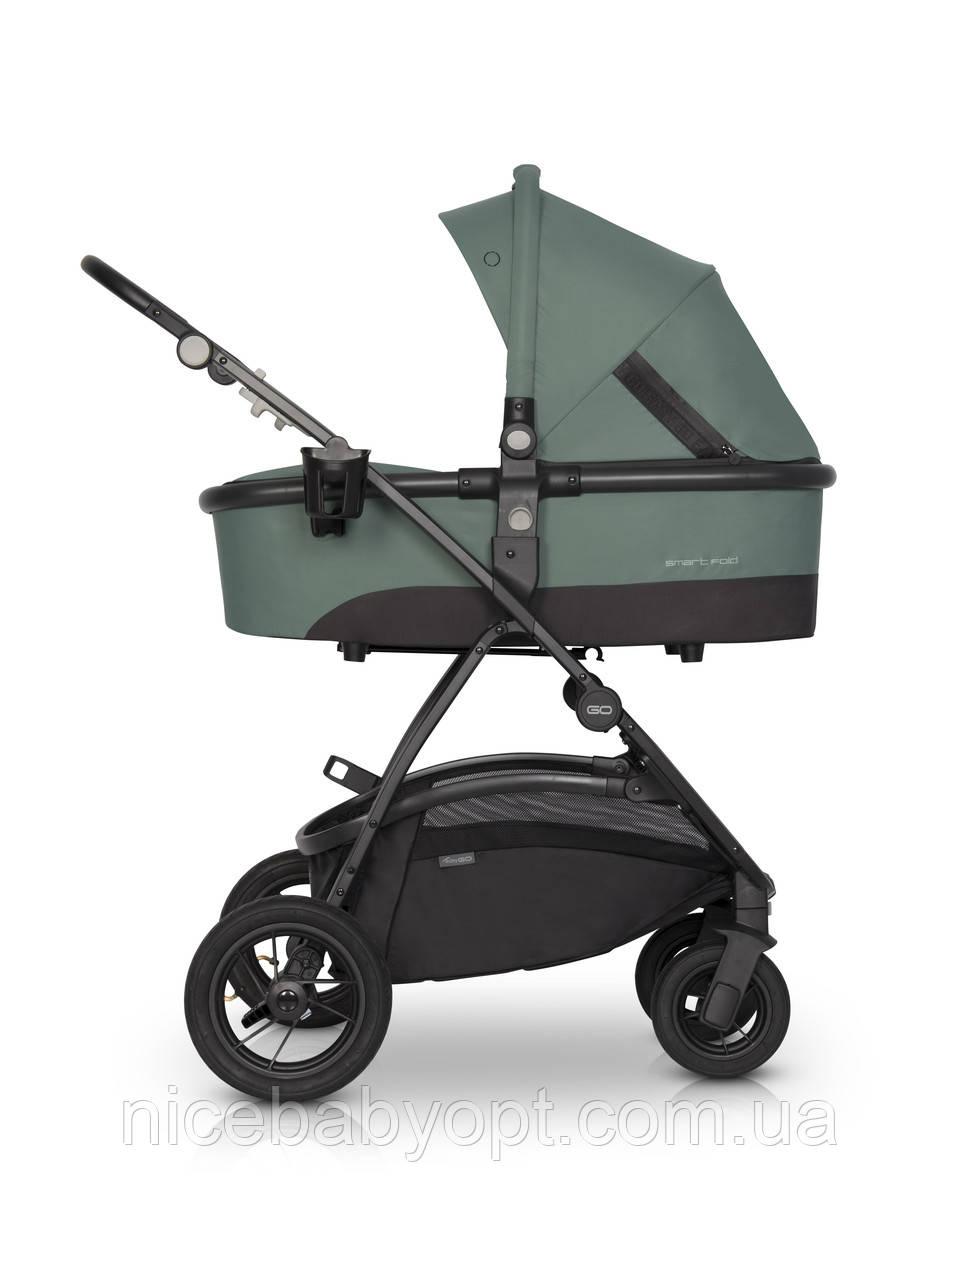 Дитяча універсальна коляска 2в1 EasyGo Optimo Air Agava